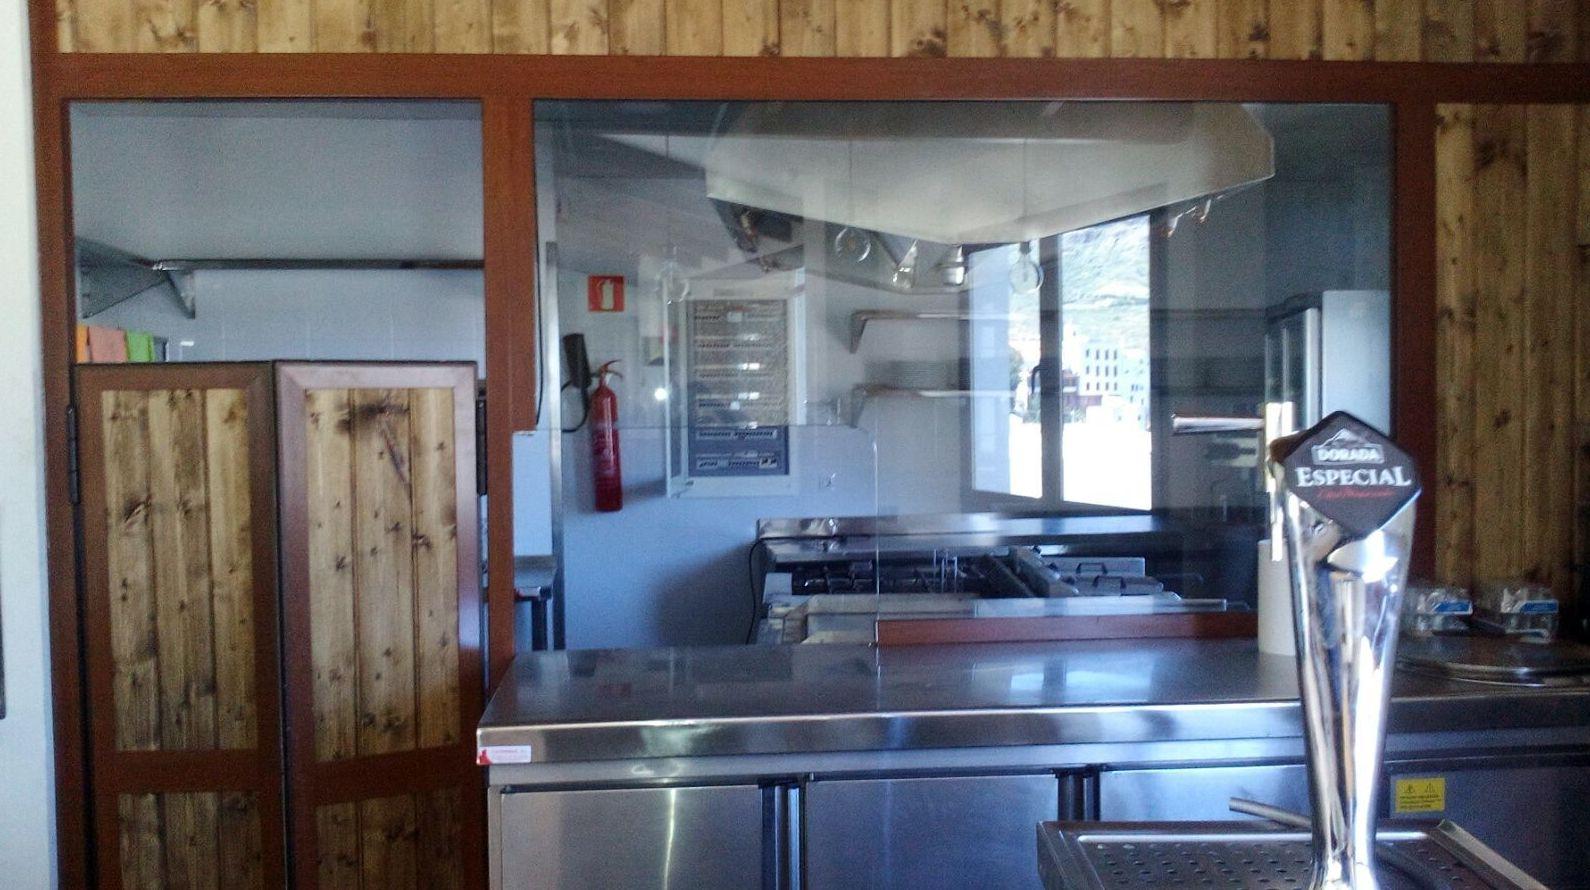 Foto 22 de Venta y distribución de maquinaria para hostelería en Las Palmas de Gran Canaria | Cotahisar S.L.